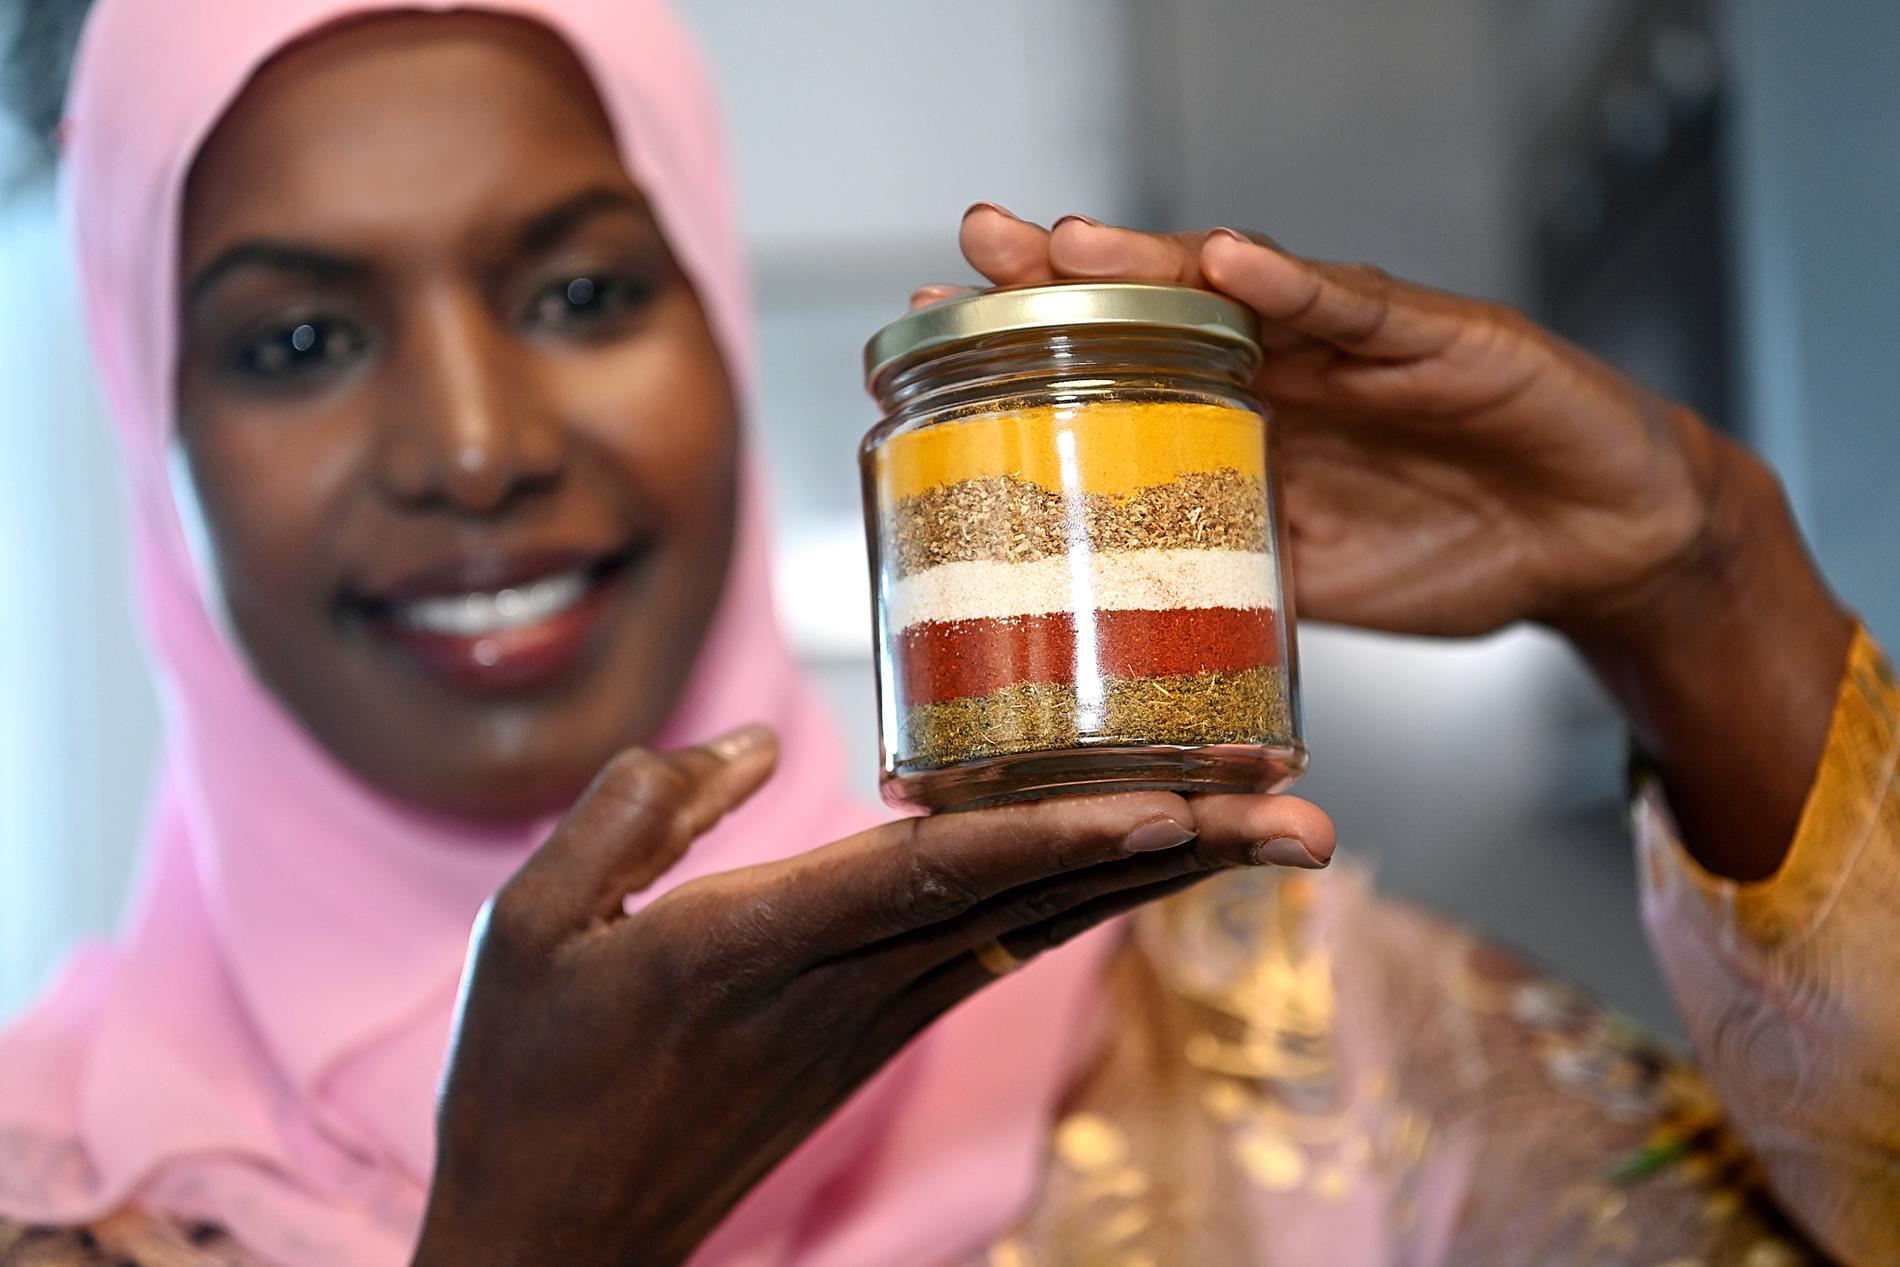 Det som utmärker det somaliska köket är kryddorna.